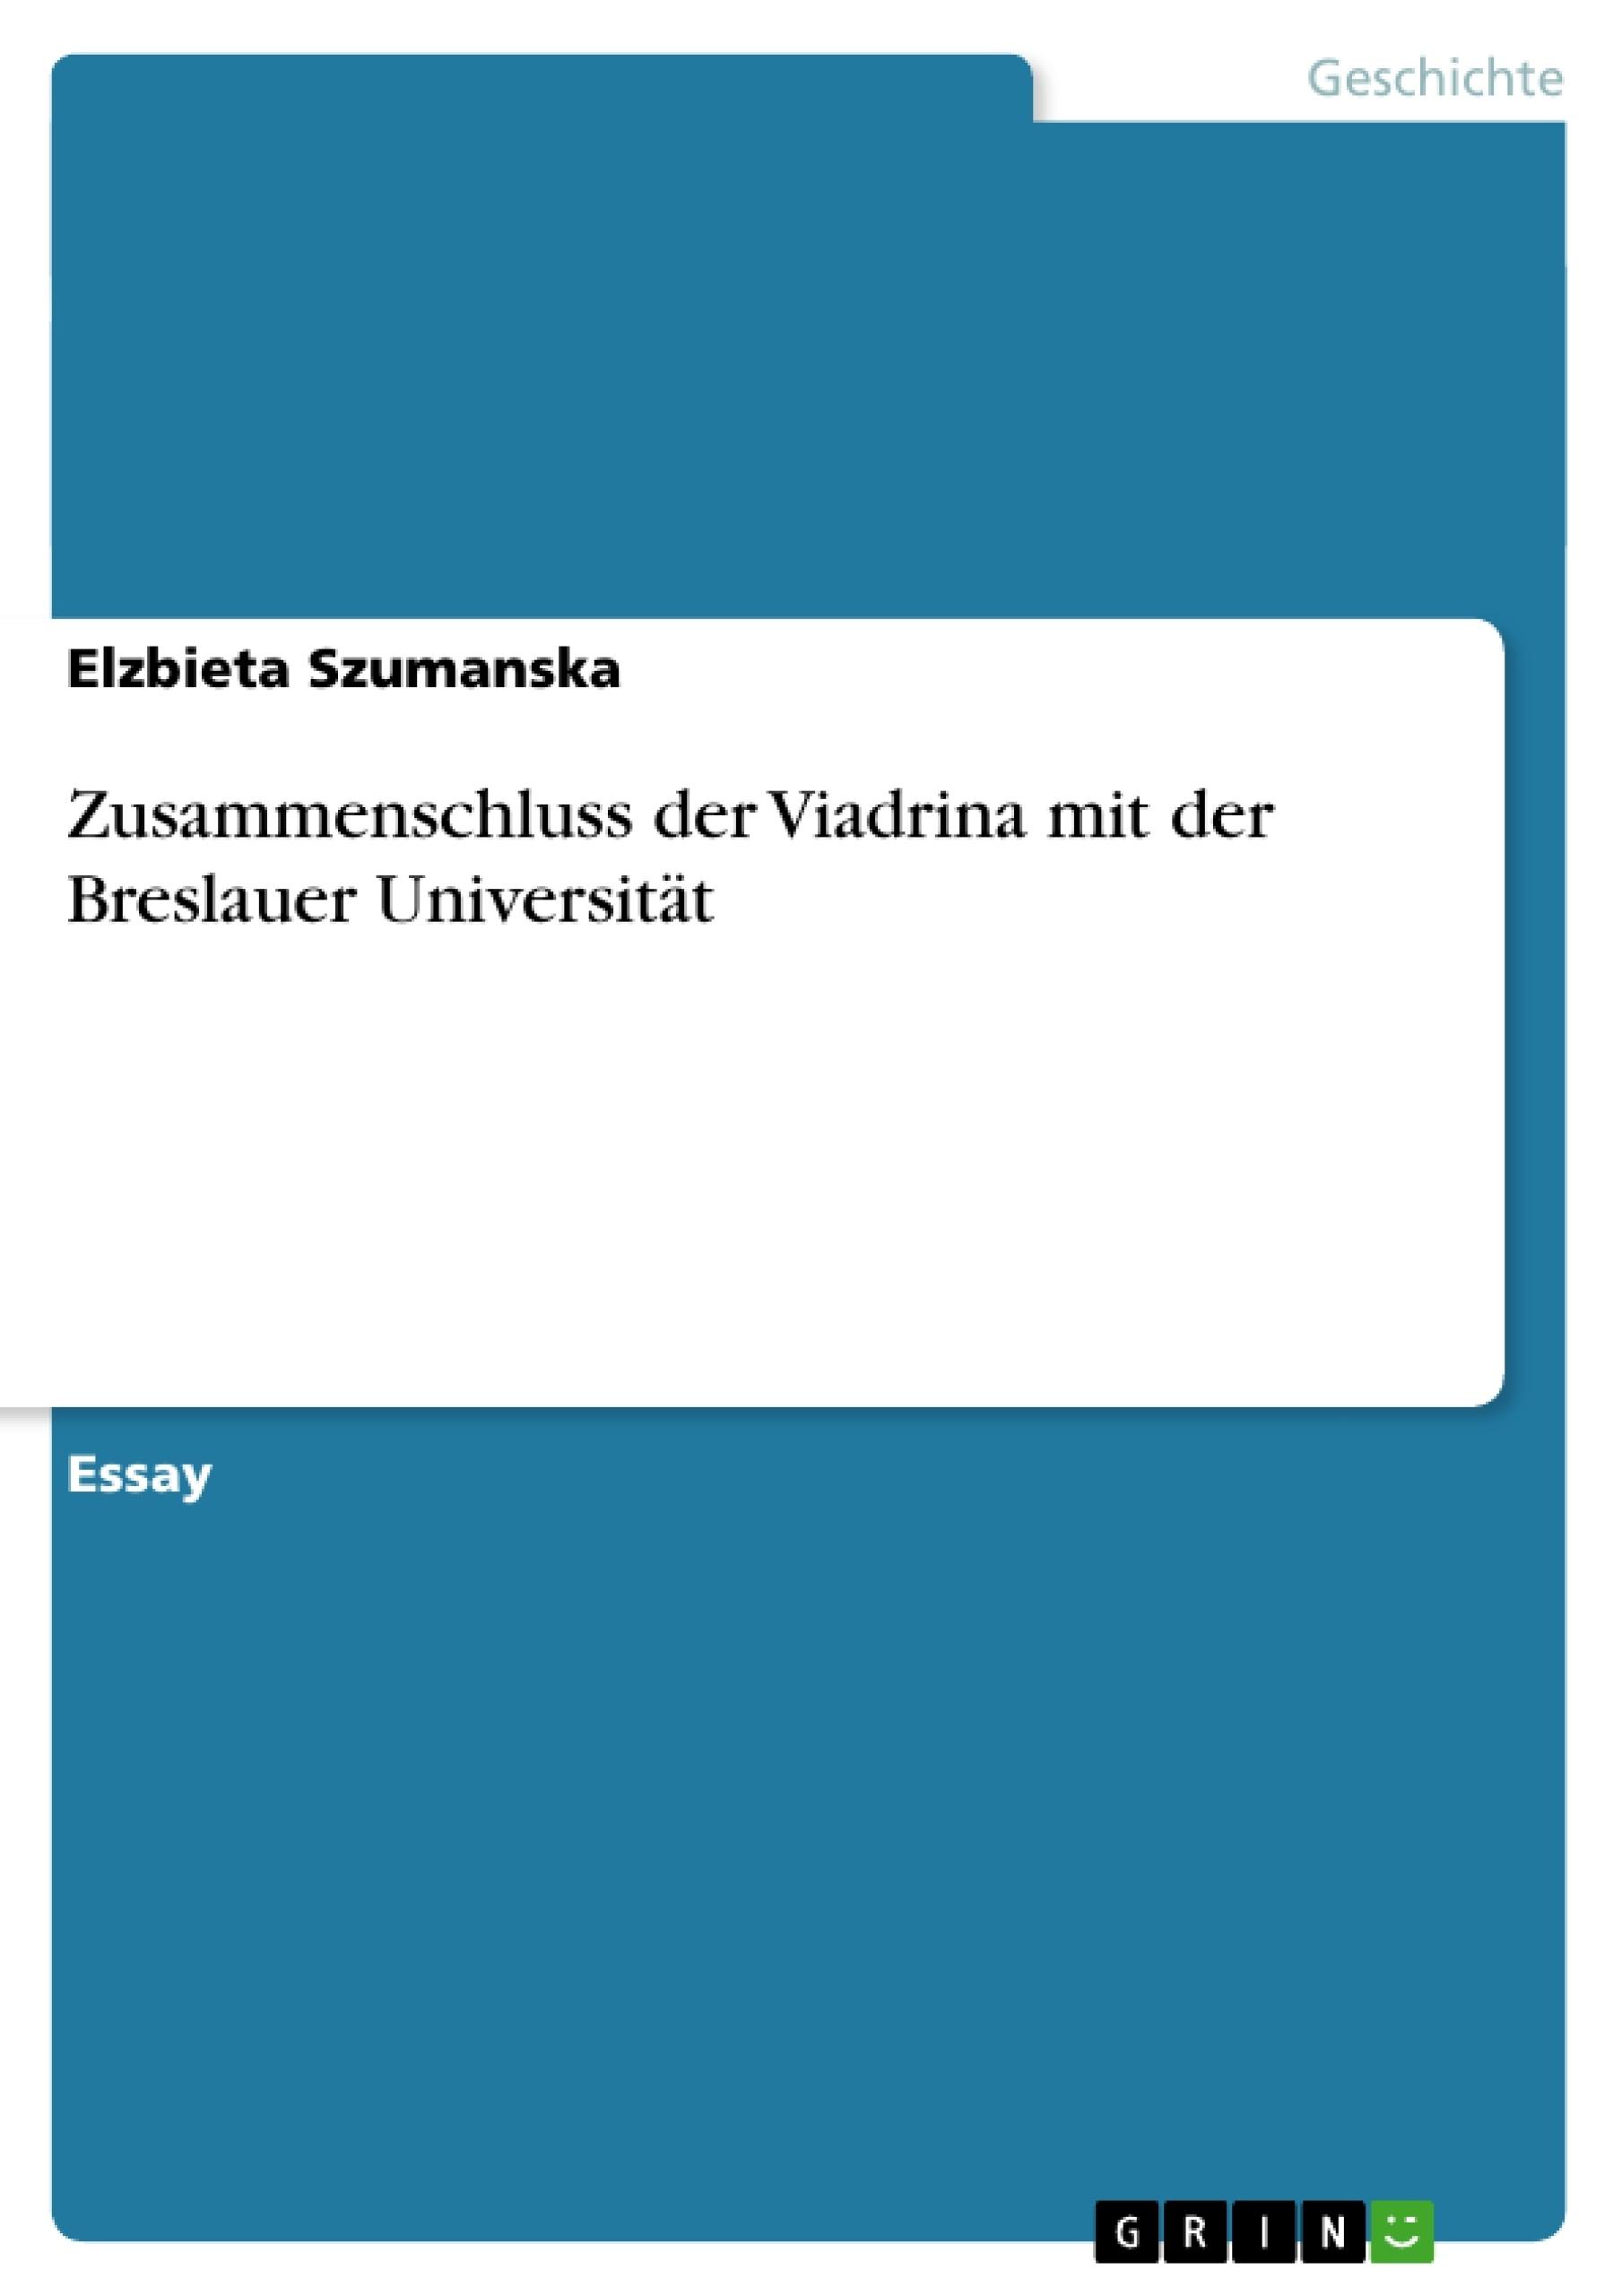 Titel: Zusammenschluss der Viadrina mit der Breslauer Universität